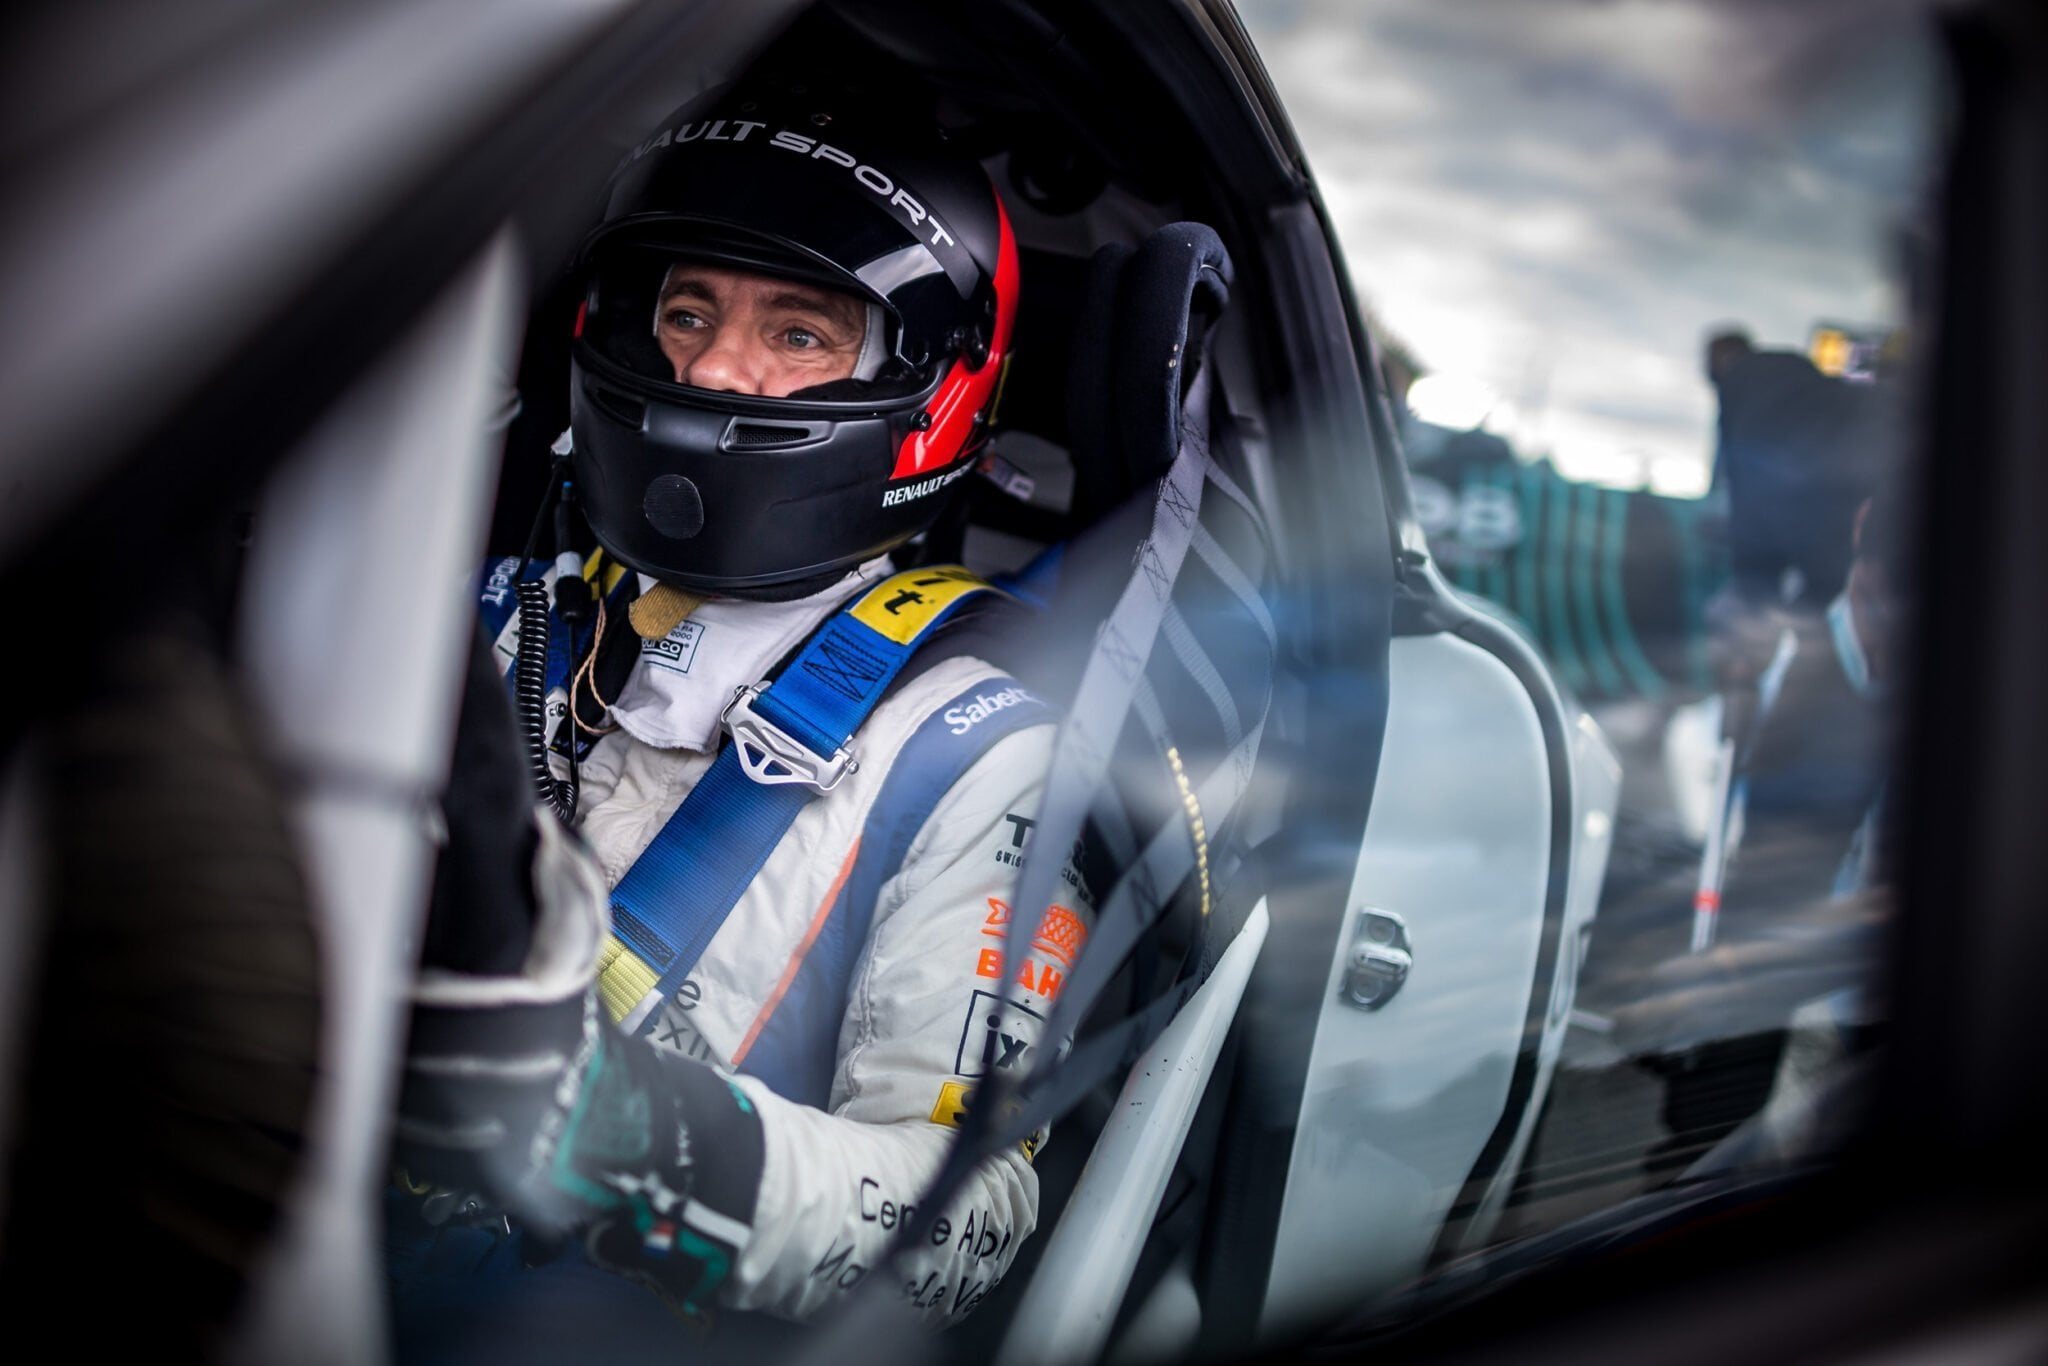 Autosport GP Laurent Hurgon Paul Ricard 2020 | Alpine Elf Europa Cup 2020 : L'équipe Autosport GP assurée du titre !